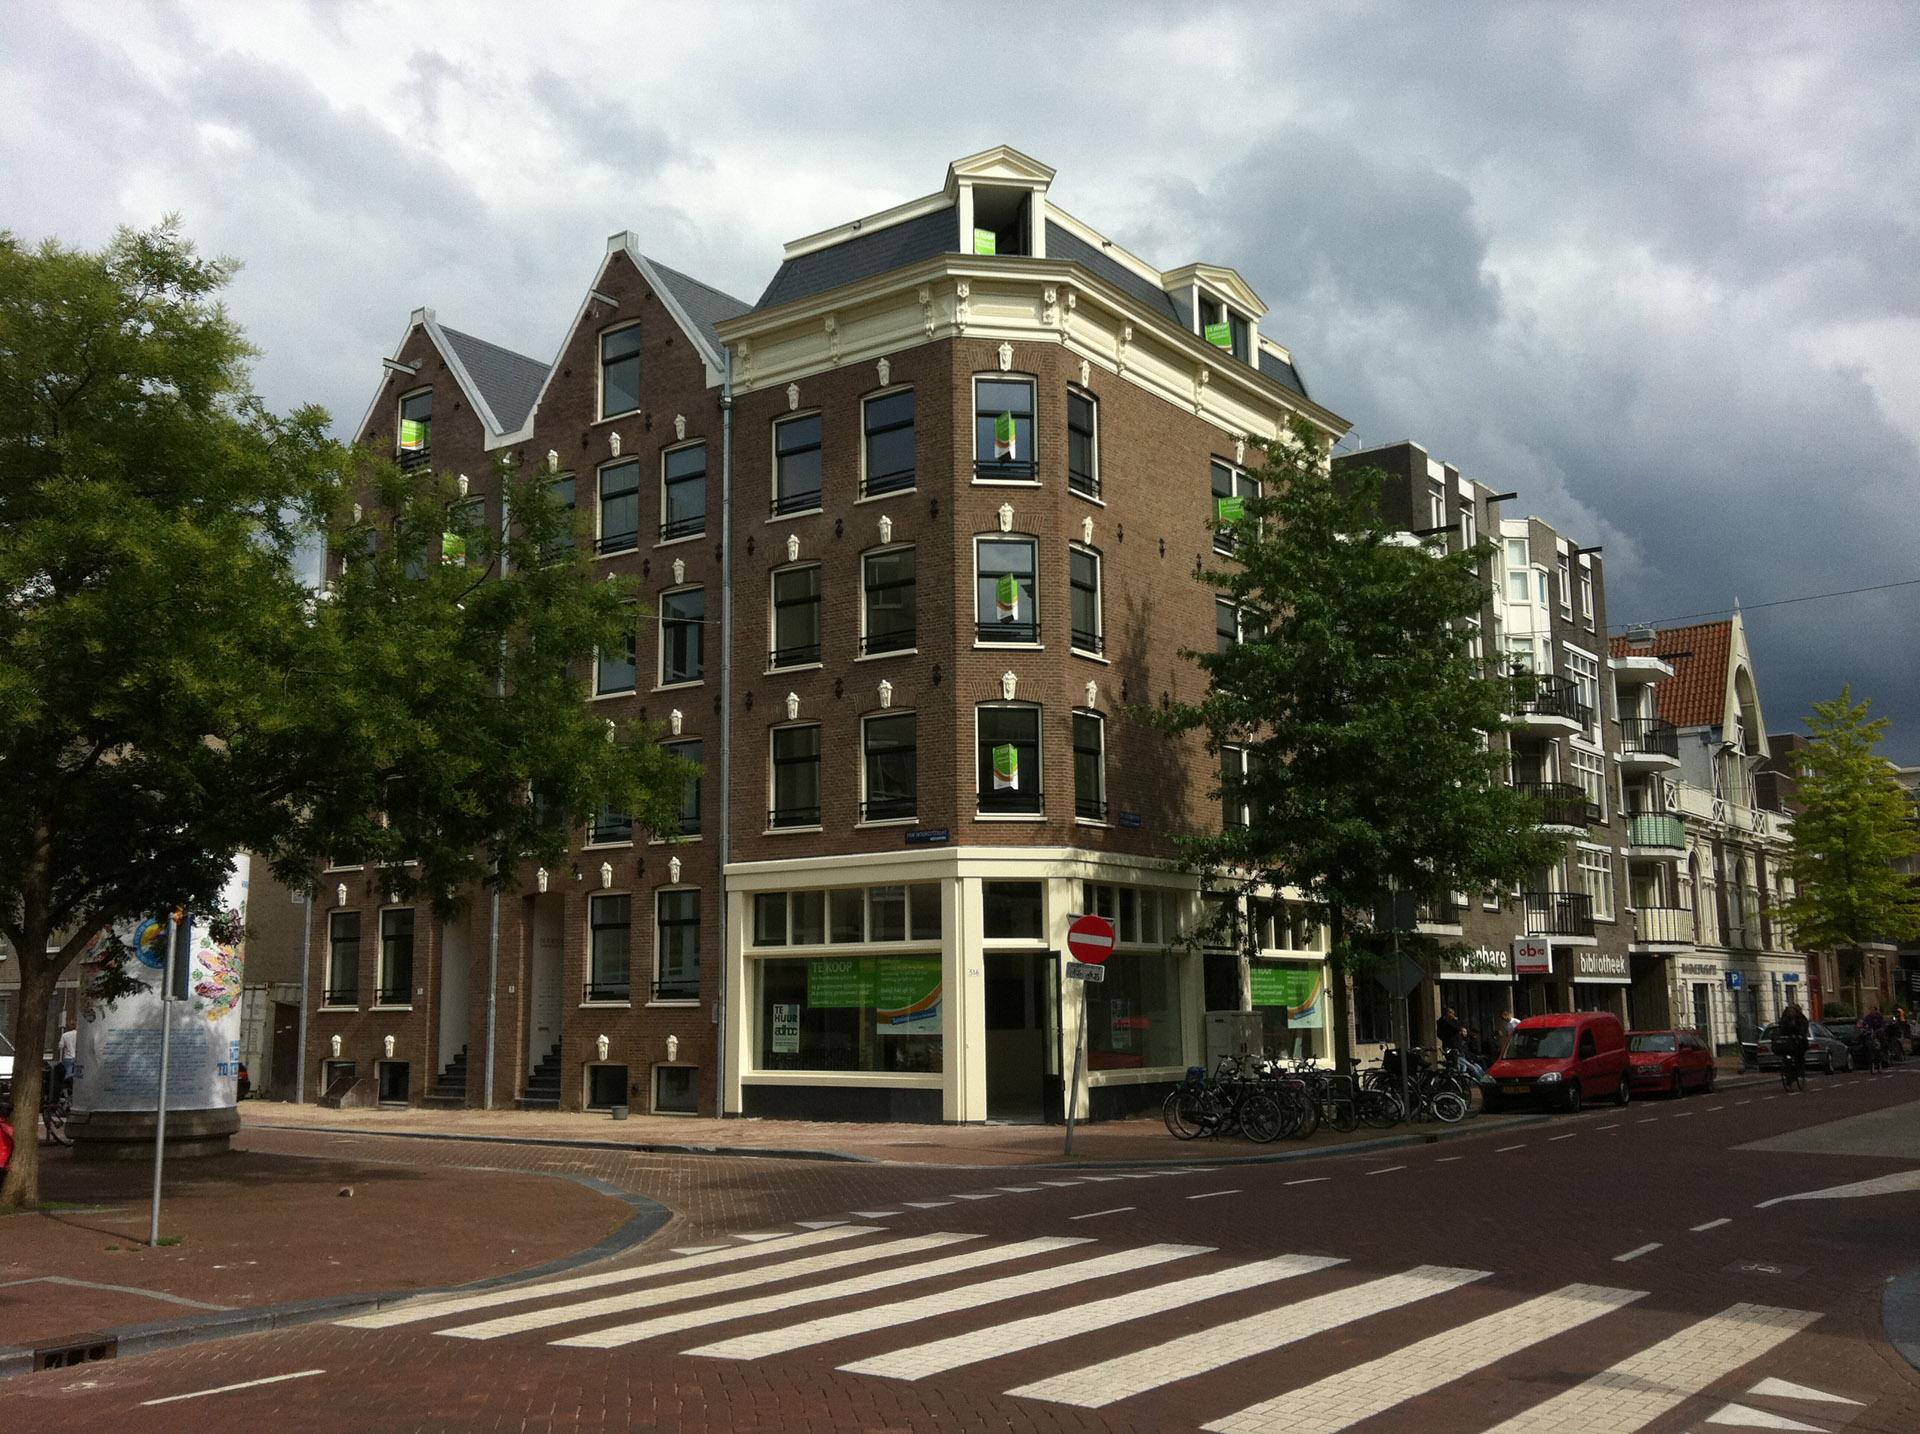 https://www.kroombv.nl/wp-content/uploads/2017/05/aannemer_amsterdam_renovatie_verbouwing_kroom_noordtstraat8.jpeg